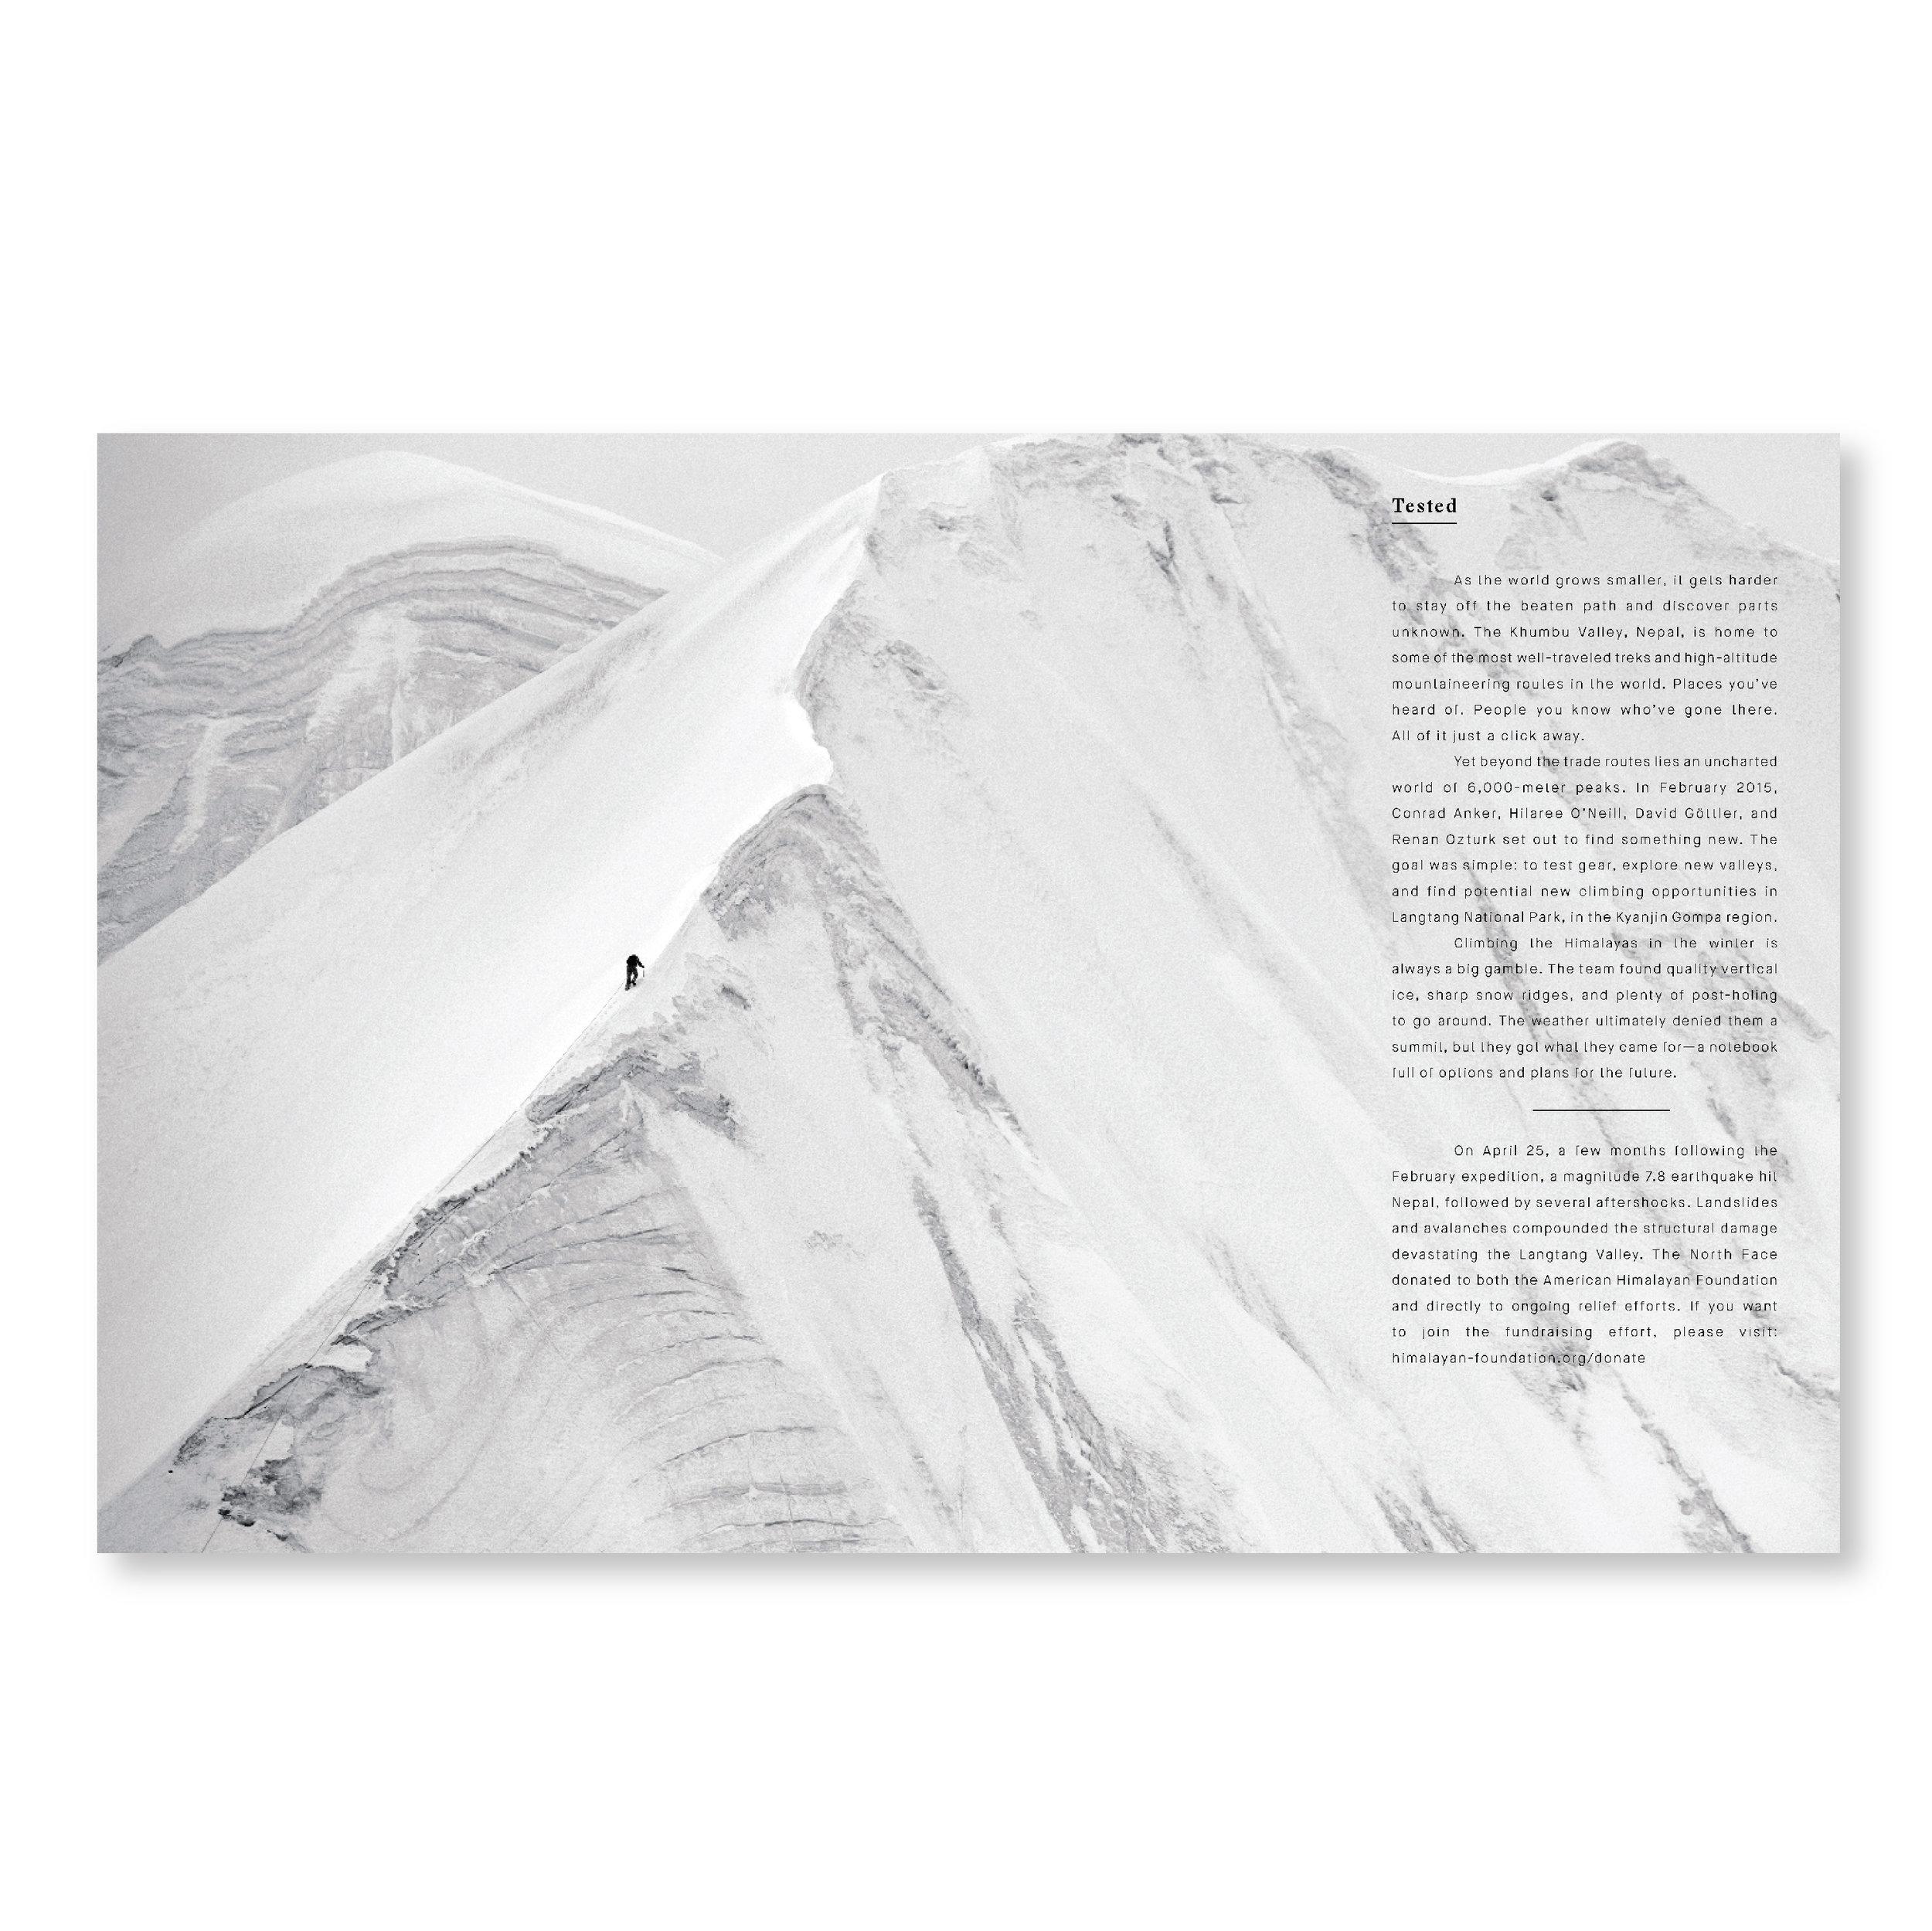 15-TNF-1466 F15 Summit Series Lookbook-7x9-082715-v01s-05.jpg